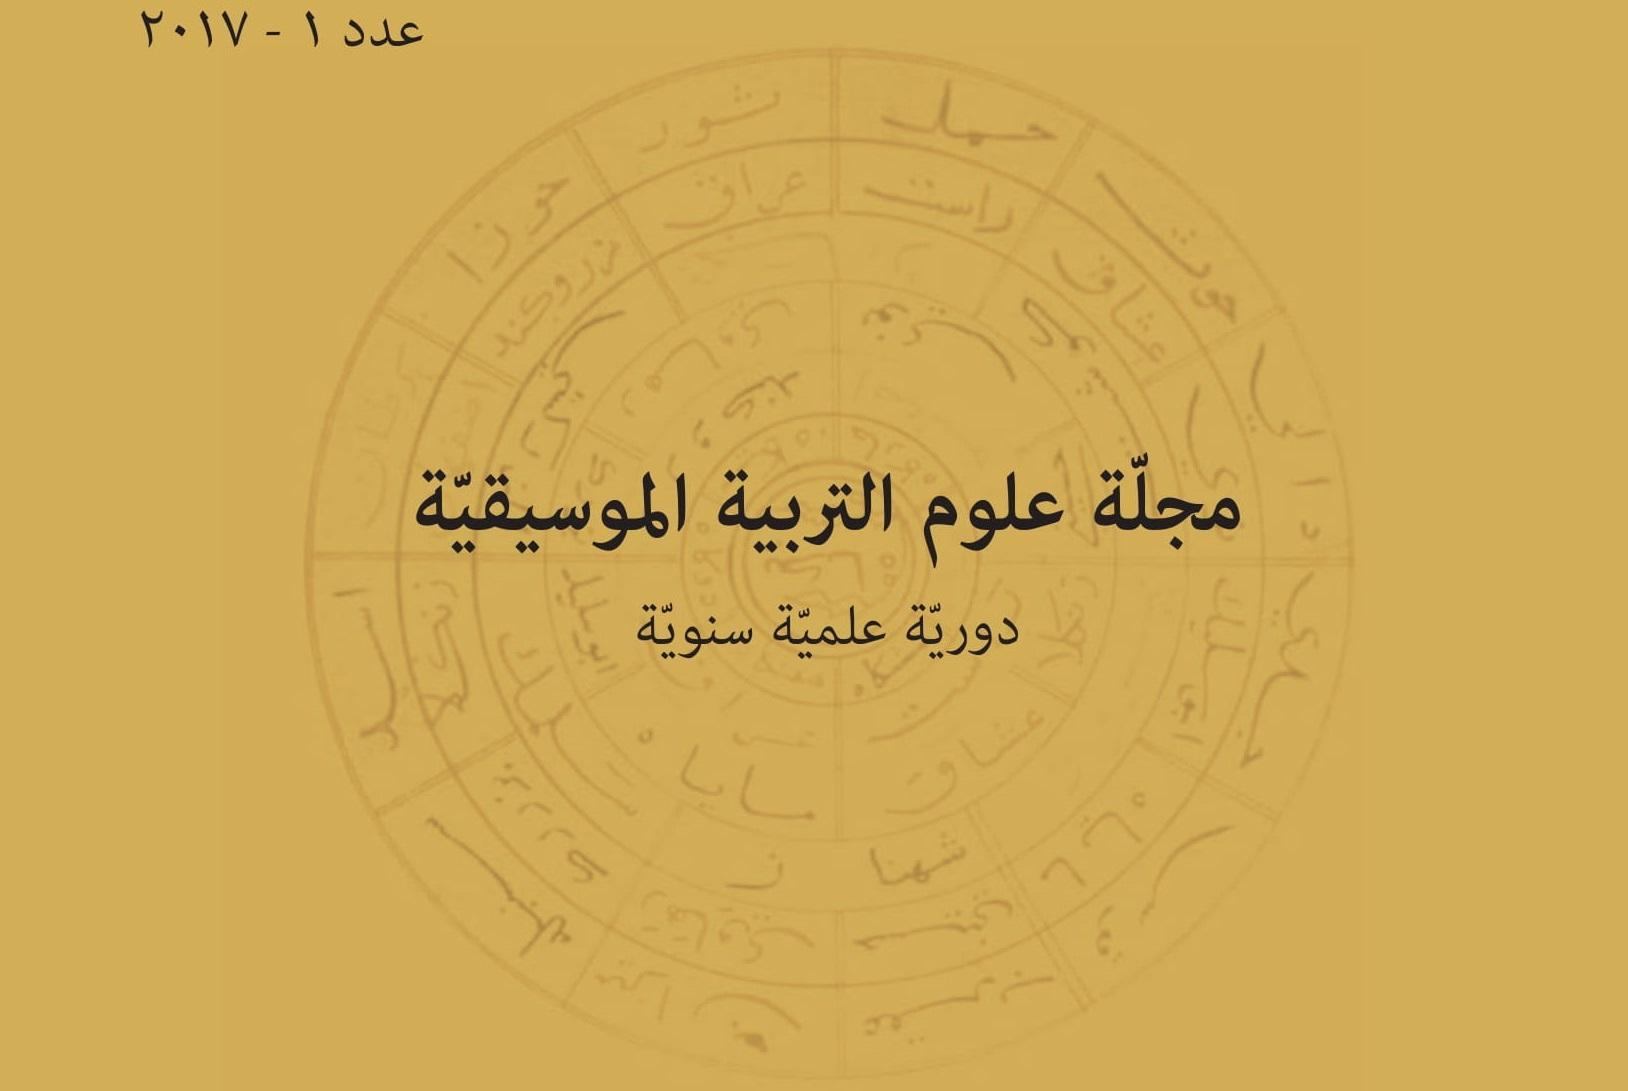 مجلّة علوم التربية الموسيقيّة